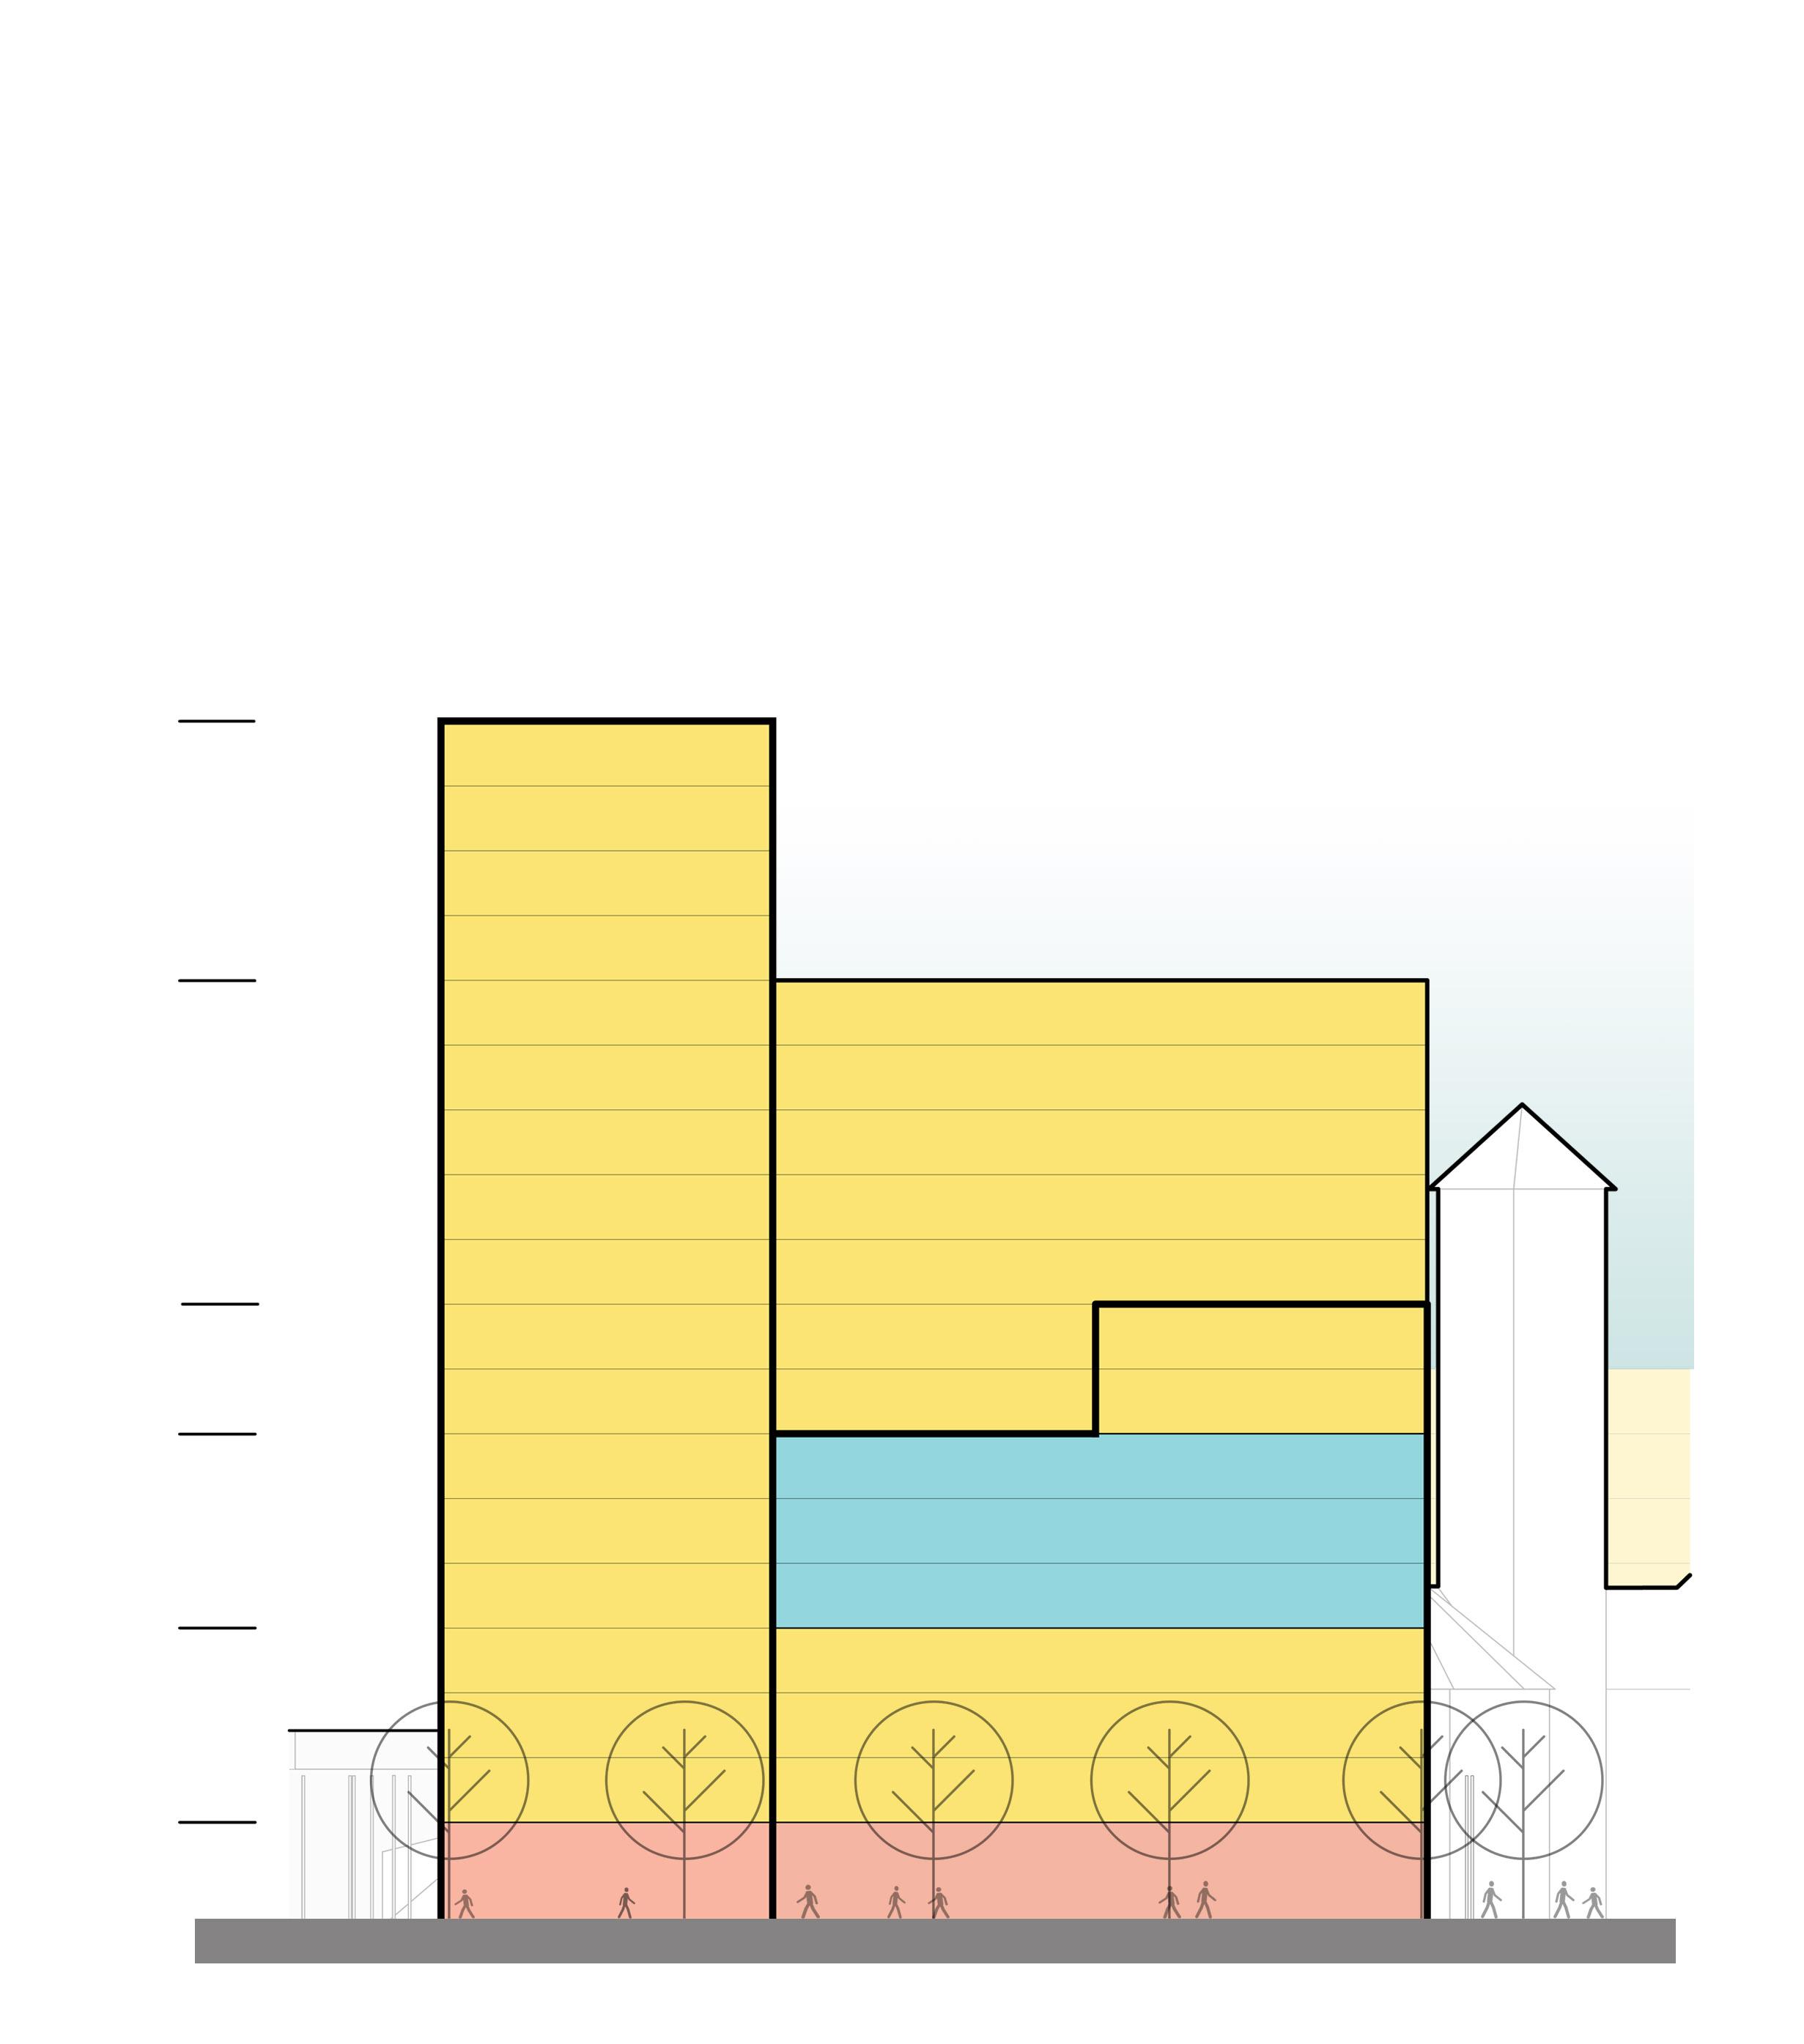 2015_09-15 Section Set4 Final.jpg